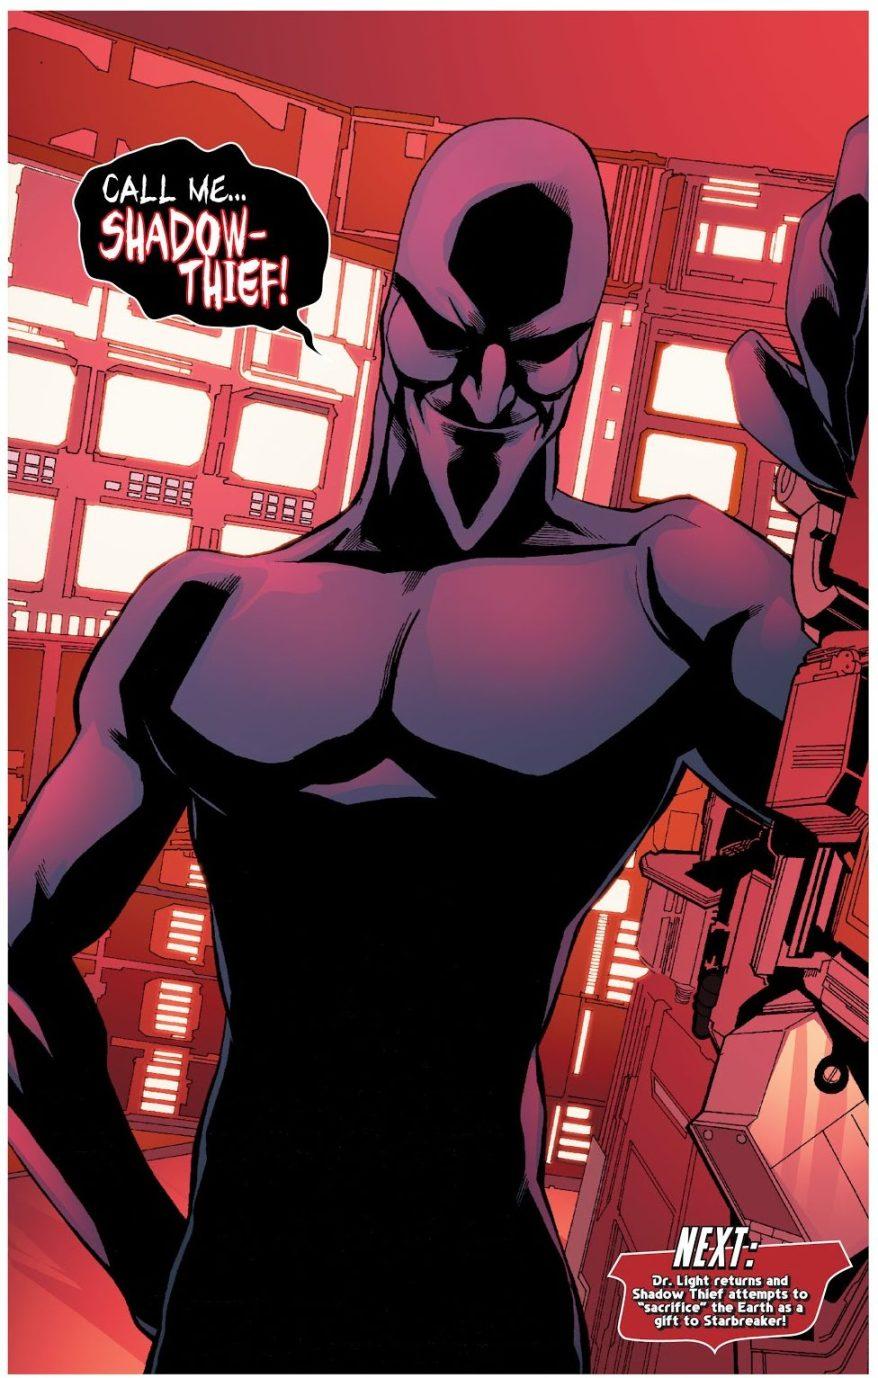 Shadow Thief (Justice League of America Vol. 2 #29)